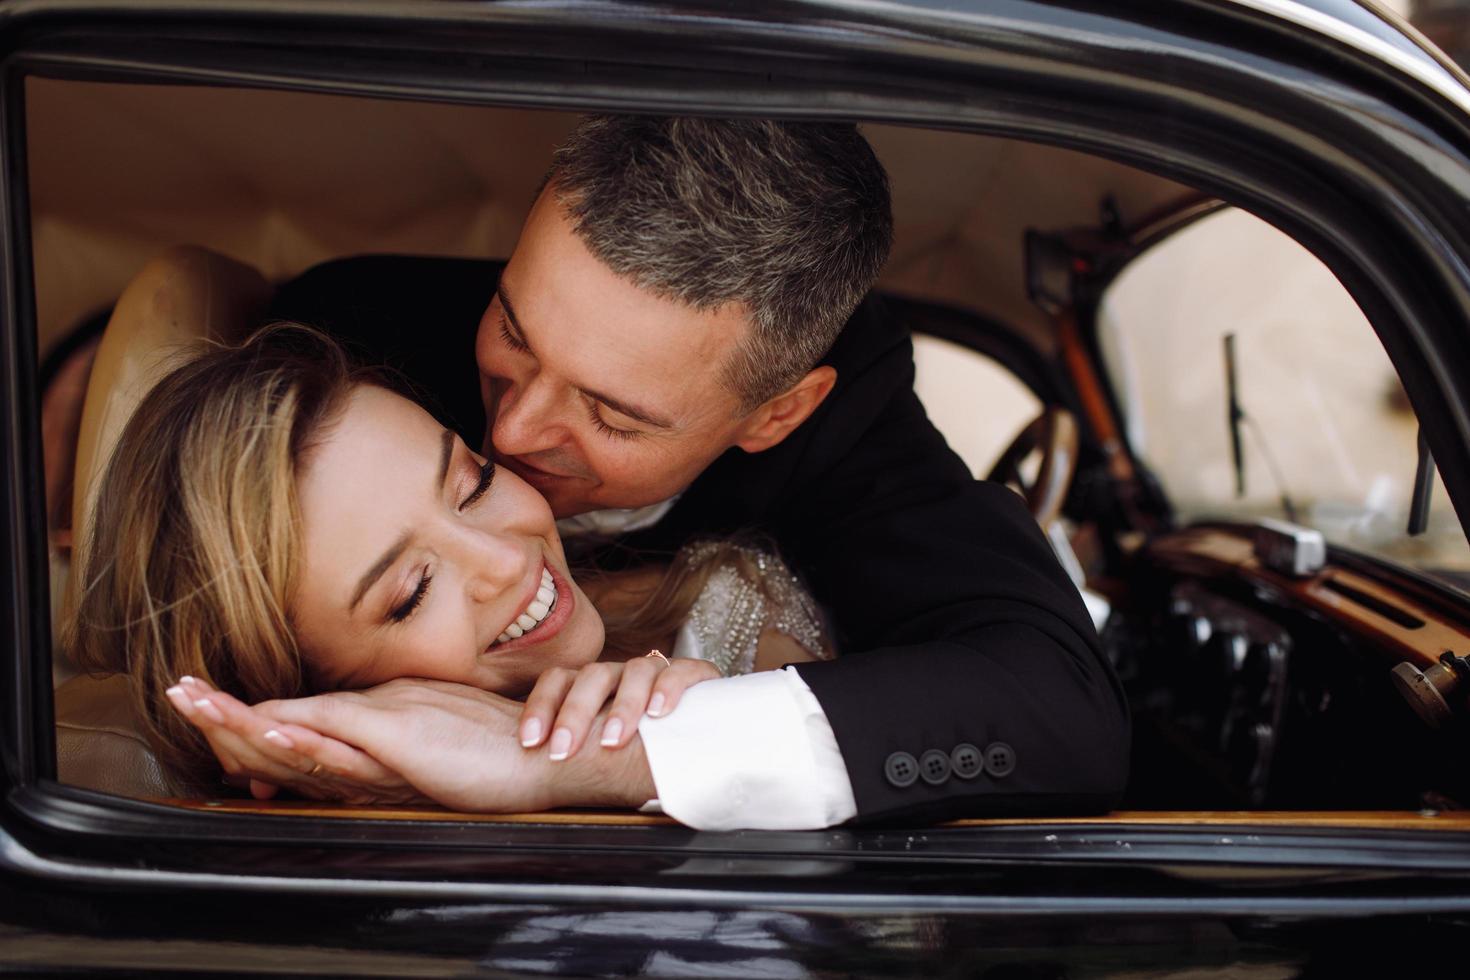 Classy wedding couple embrace photo